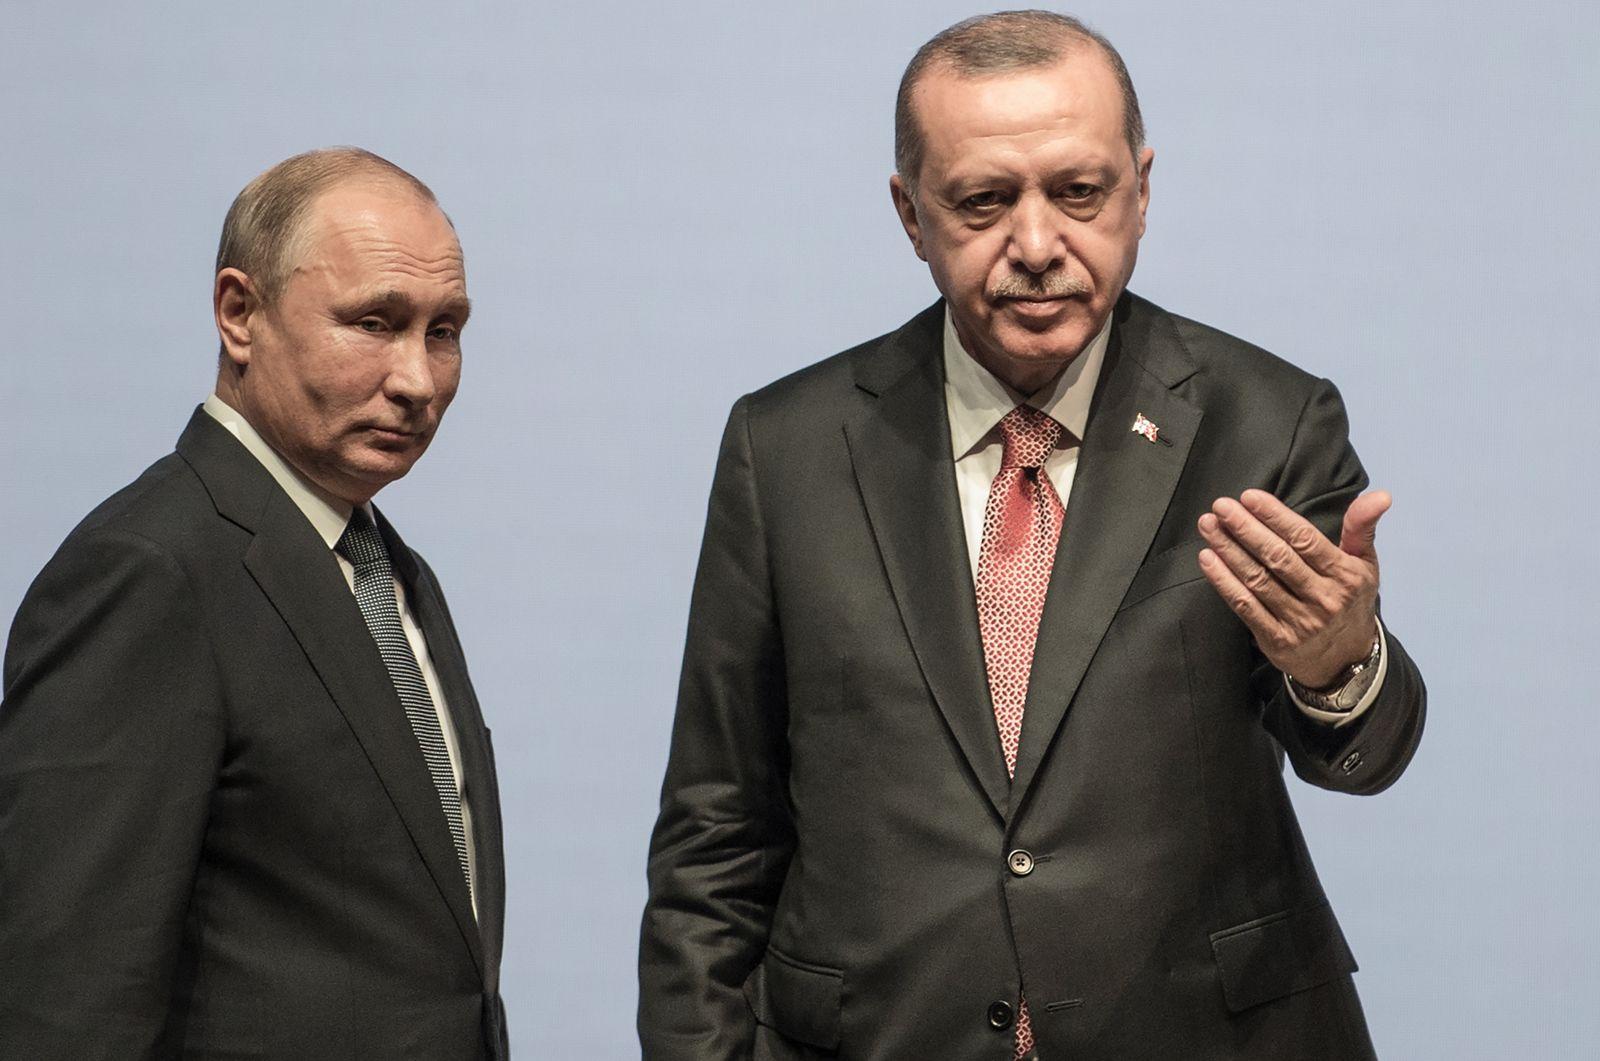 TURKEY-RUSSIA-POLITICS-DIPLOMACY